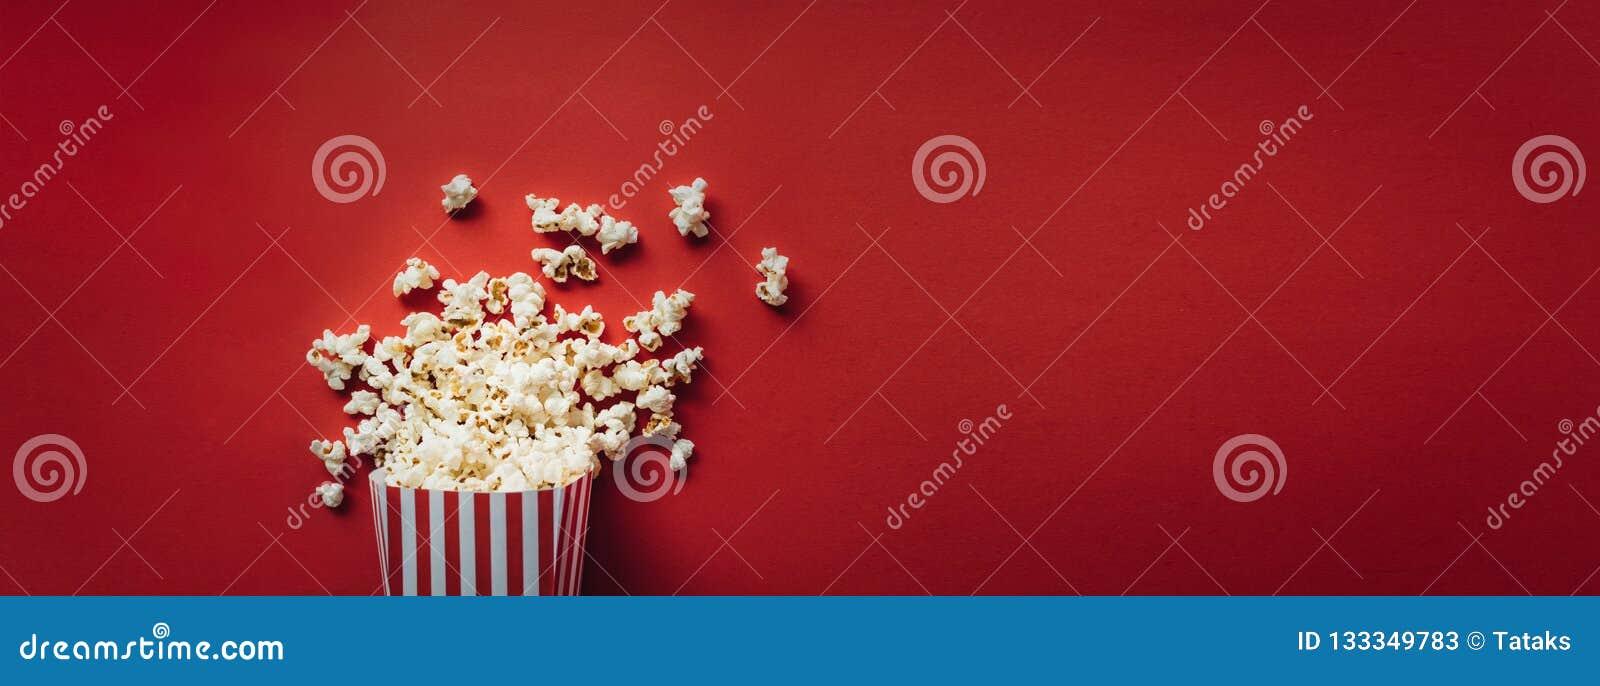 Ριγωτό κιβώτιο με popcorn